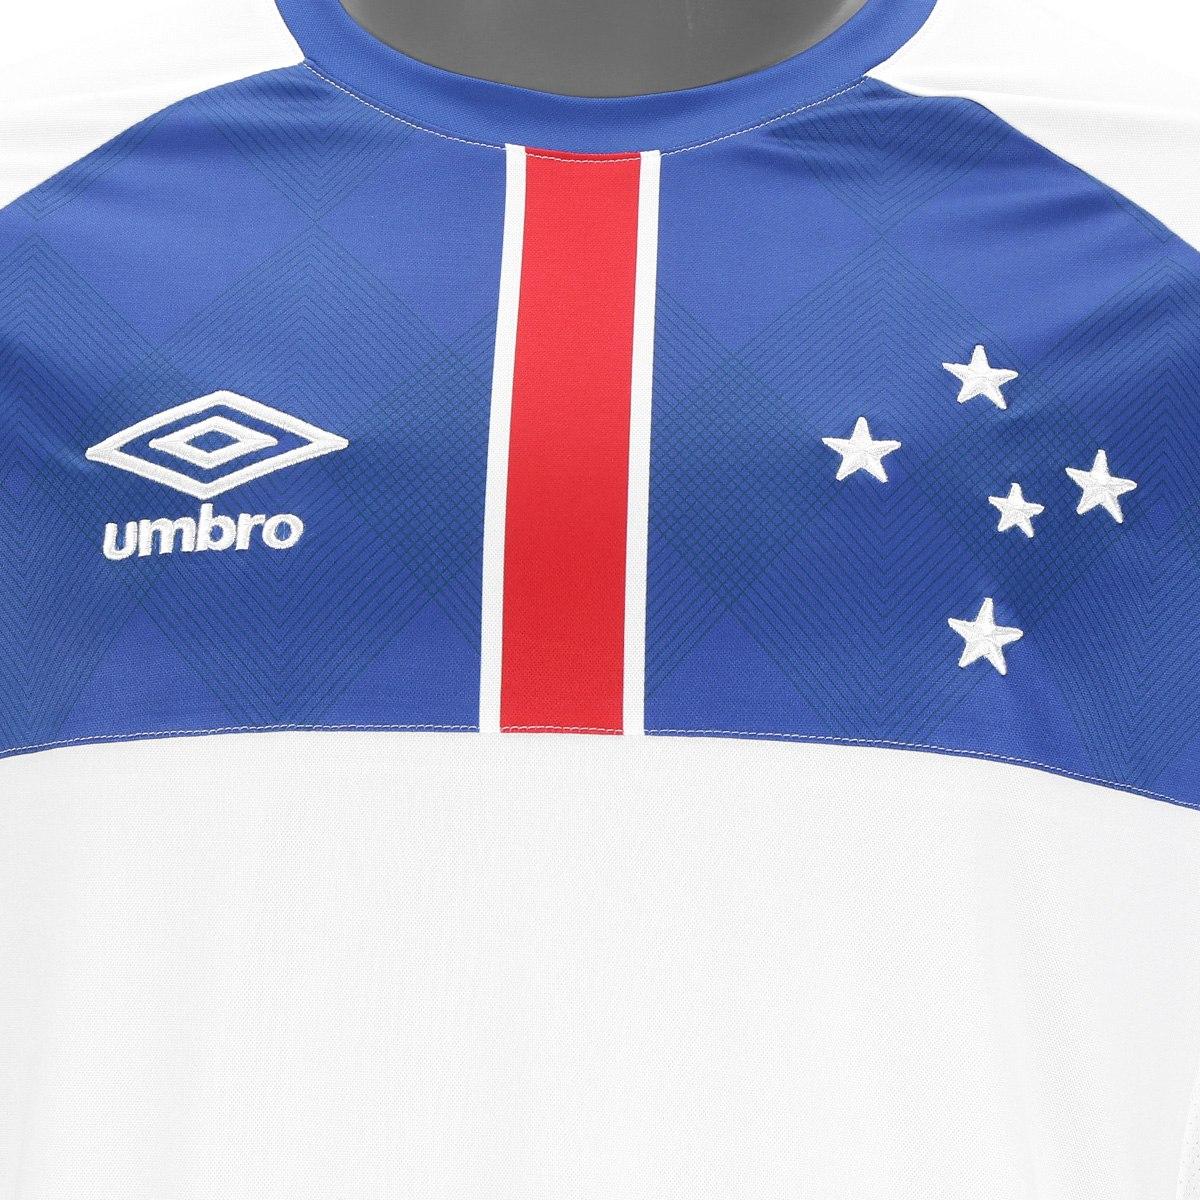 Umbro lança a nova camisa reserva do Cruzeiro - Show de Camisas 6735c269d8c59